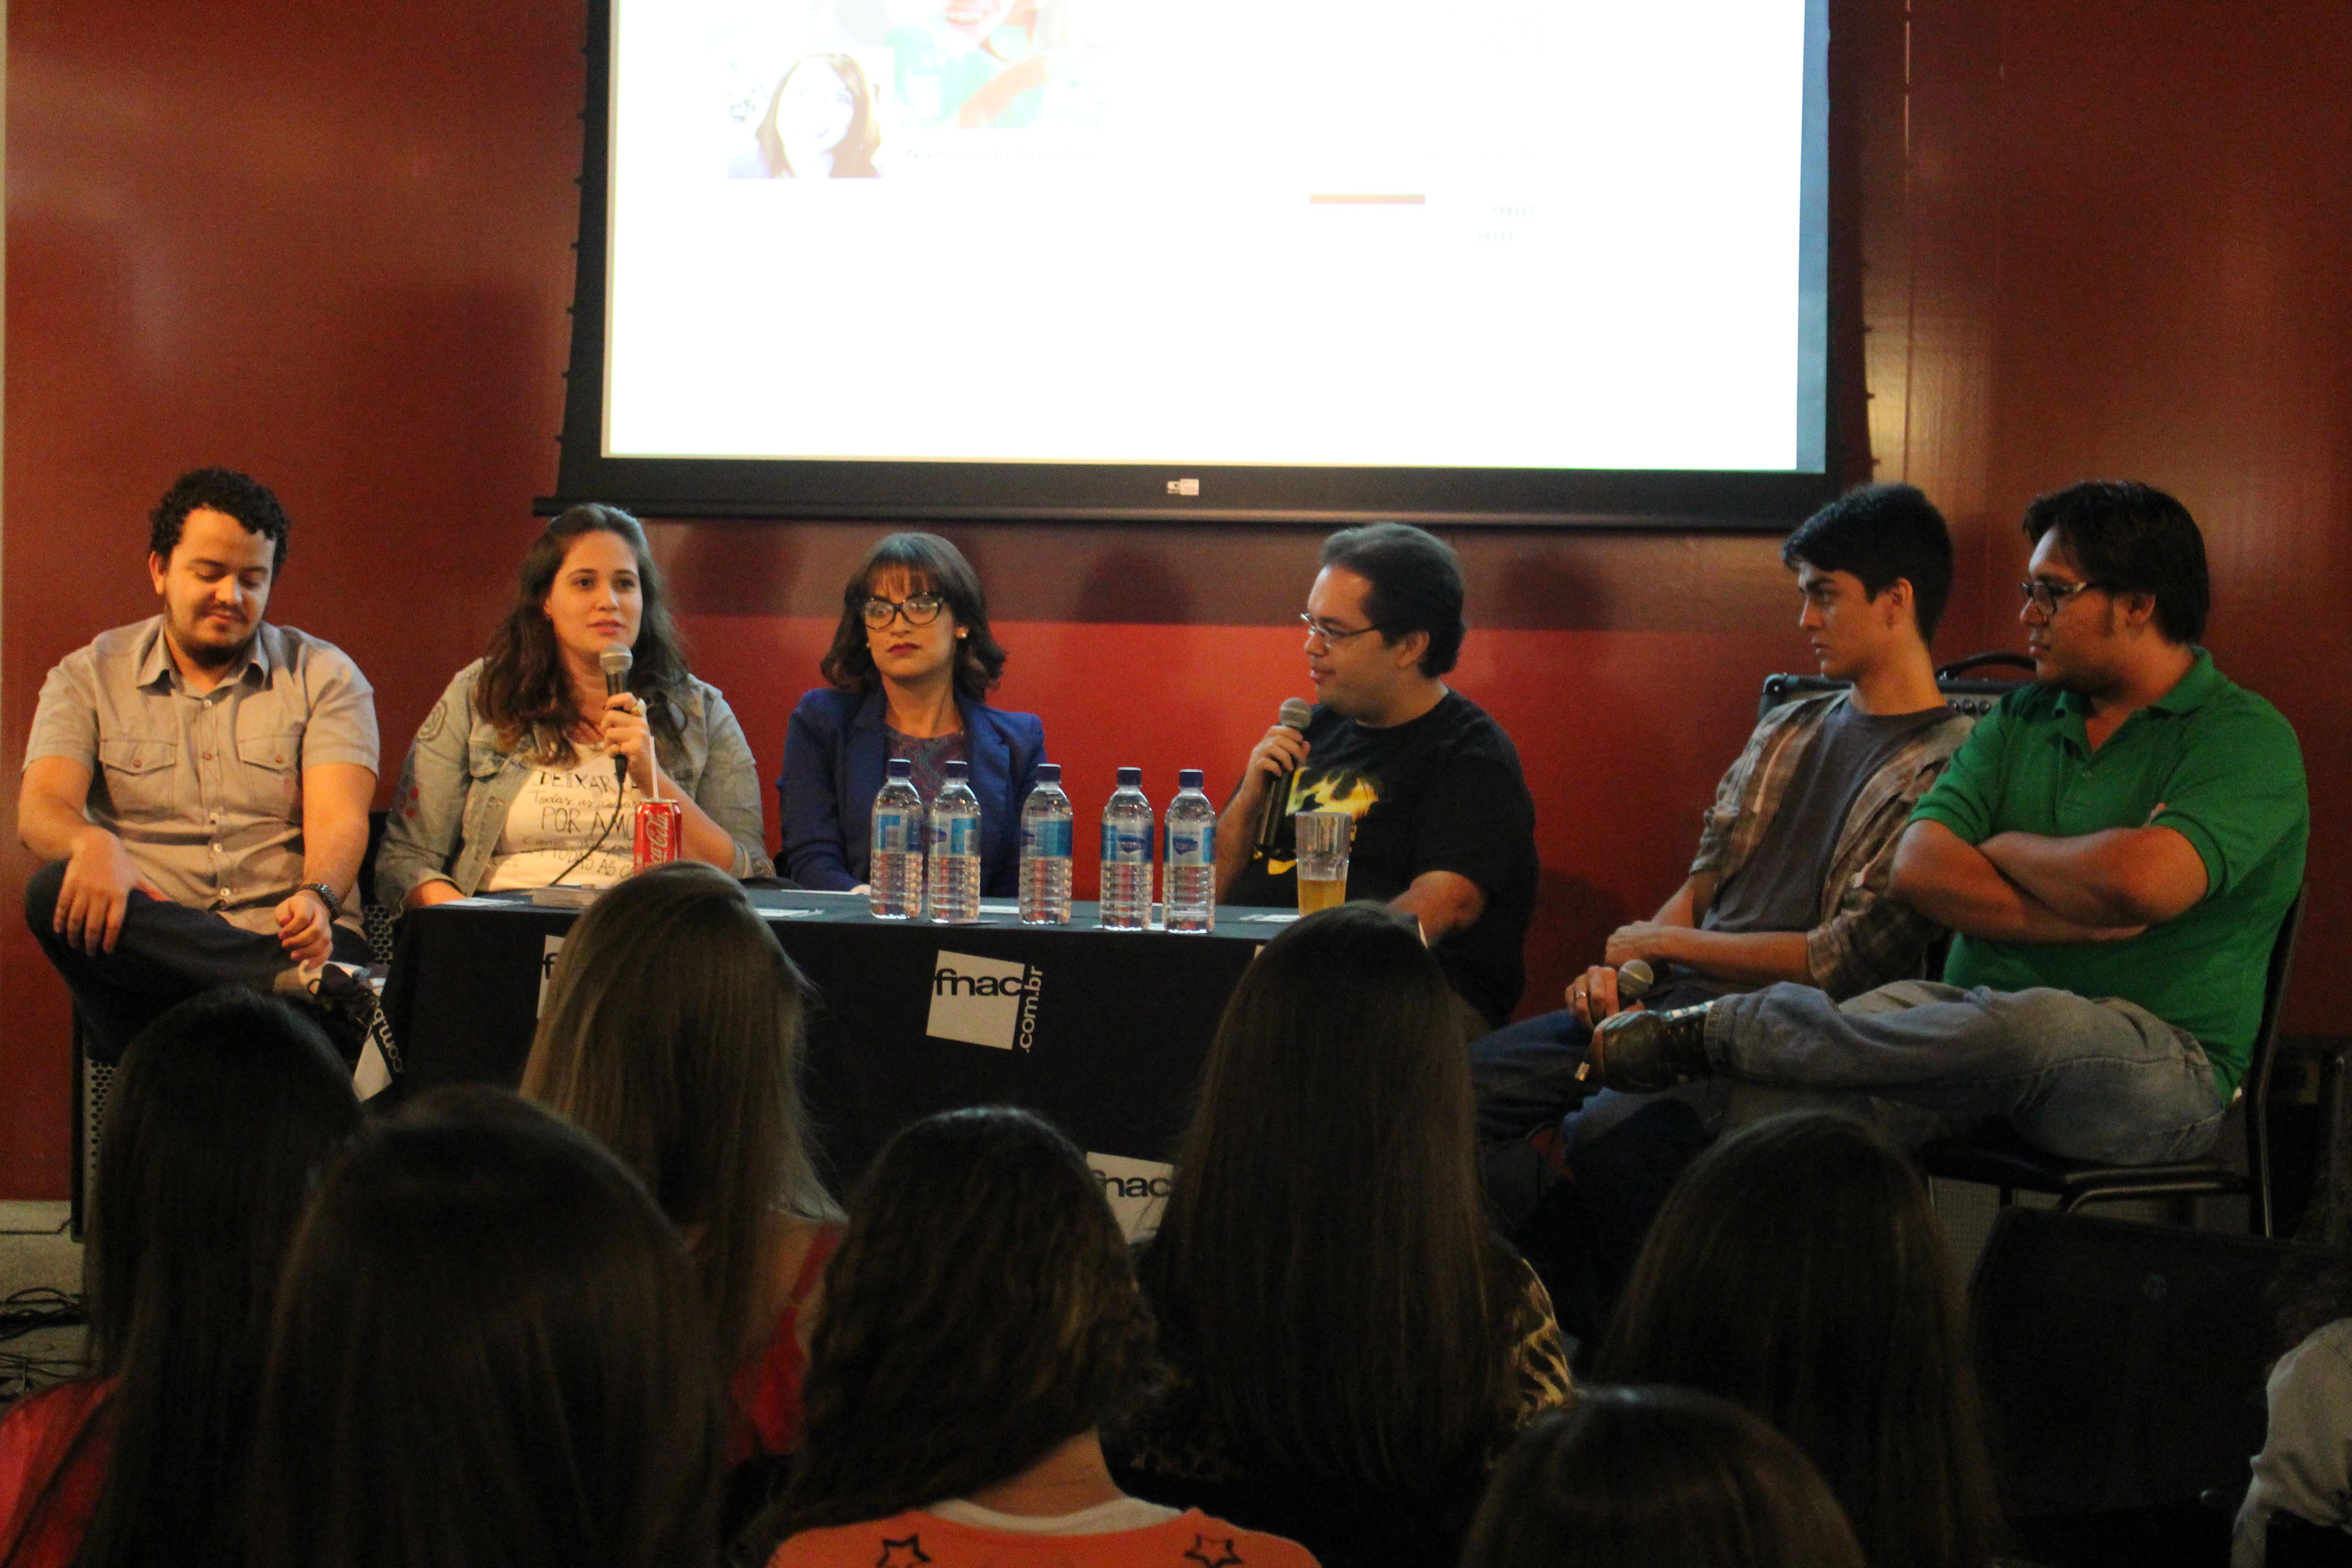 encontro-de-blogueiros-fnac-goiania